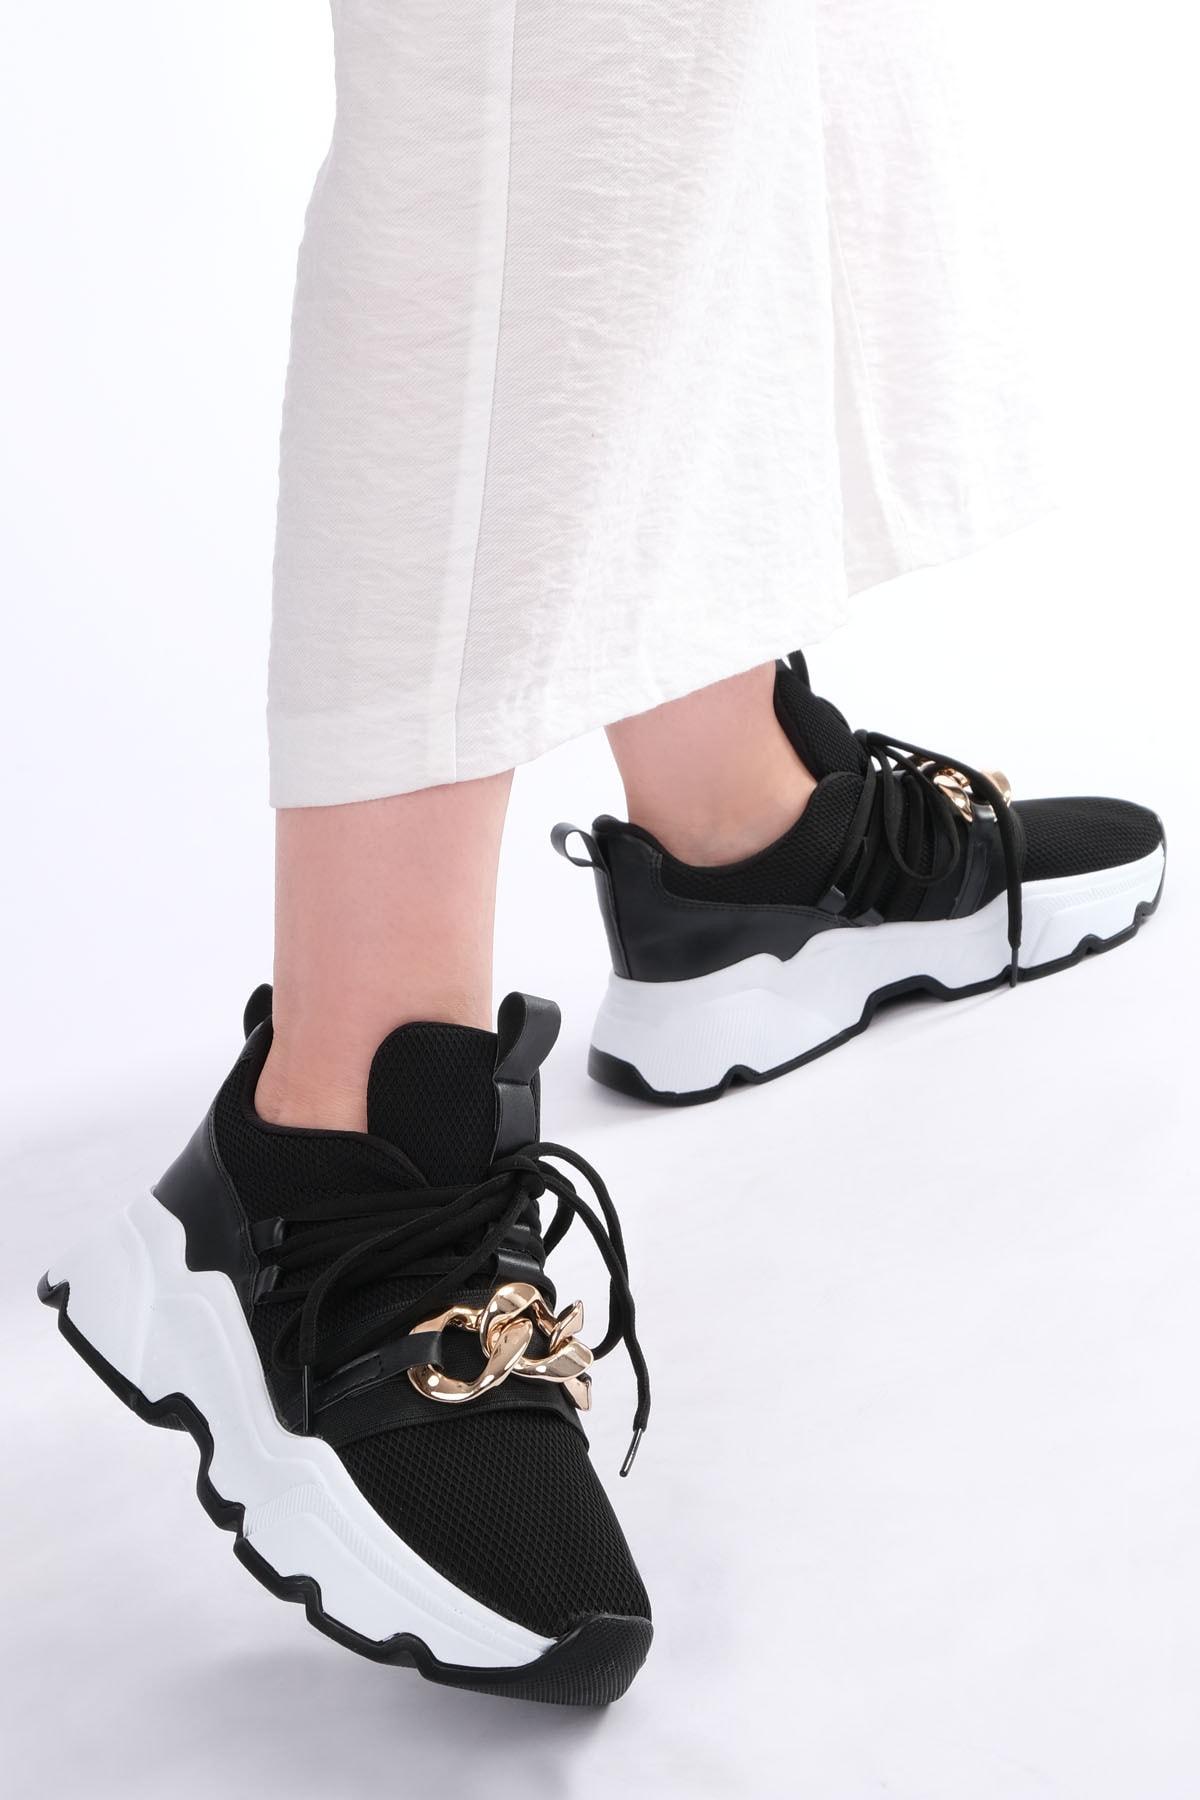 Marjin Kadın Siyah Sneaker Dolgu Topuk Spor Ayakkabı Osla